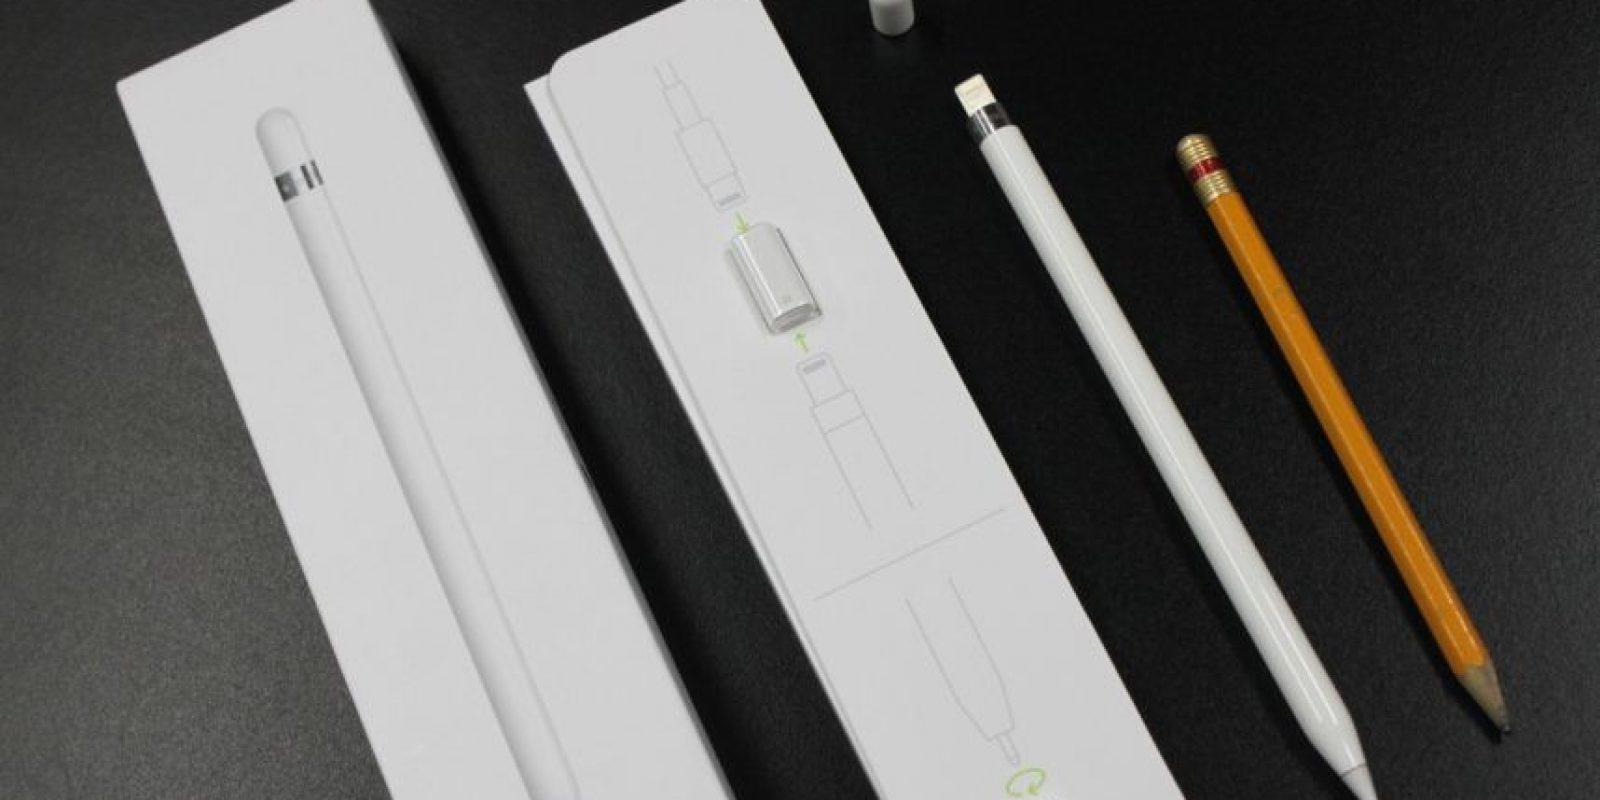 Comparativo del Apple Pencil con un lápiz de madera. Foto:Nicolás Corte. Imagen Por: